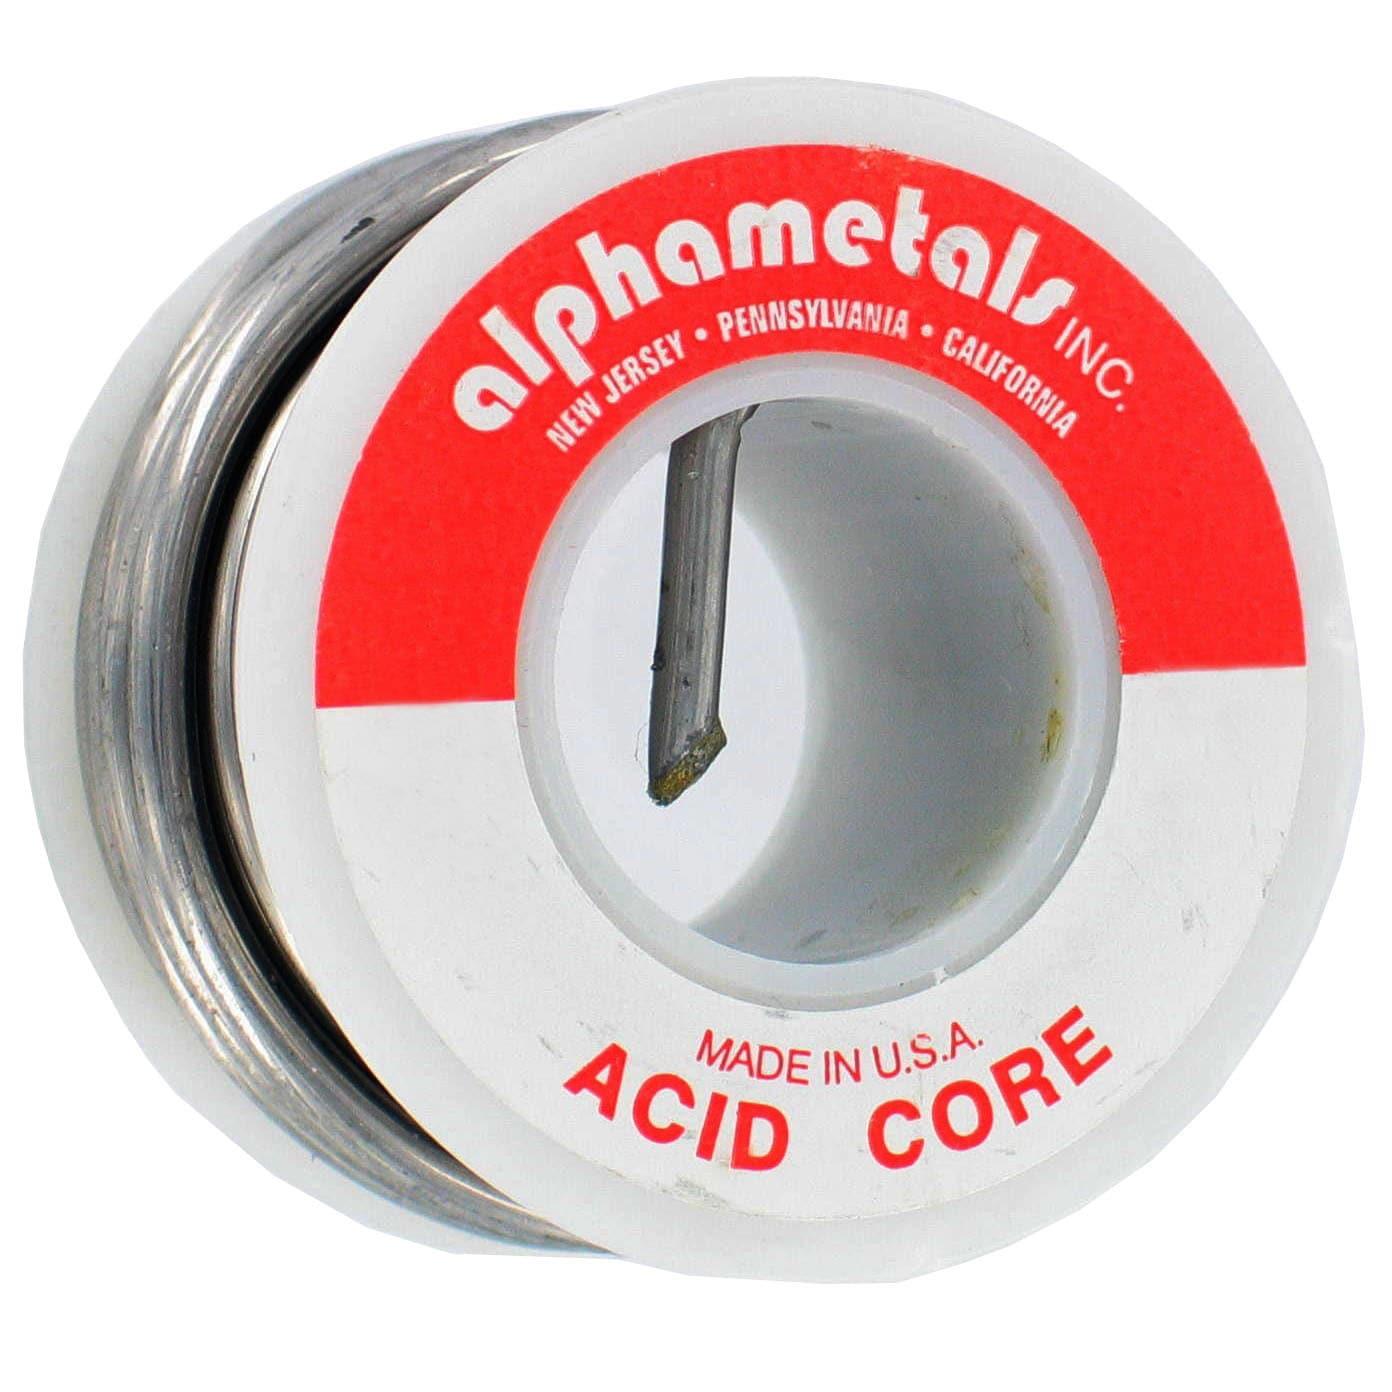 Alpha Fry AM22406 40/60 Acid Core Solider (Welders/tools)...